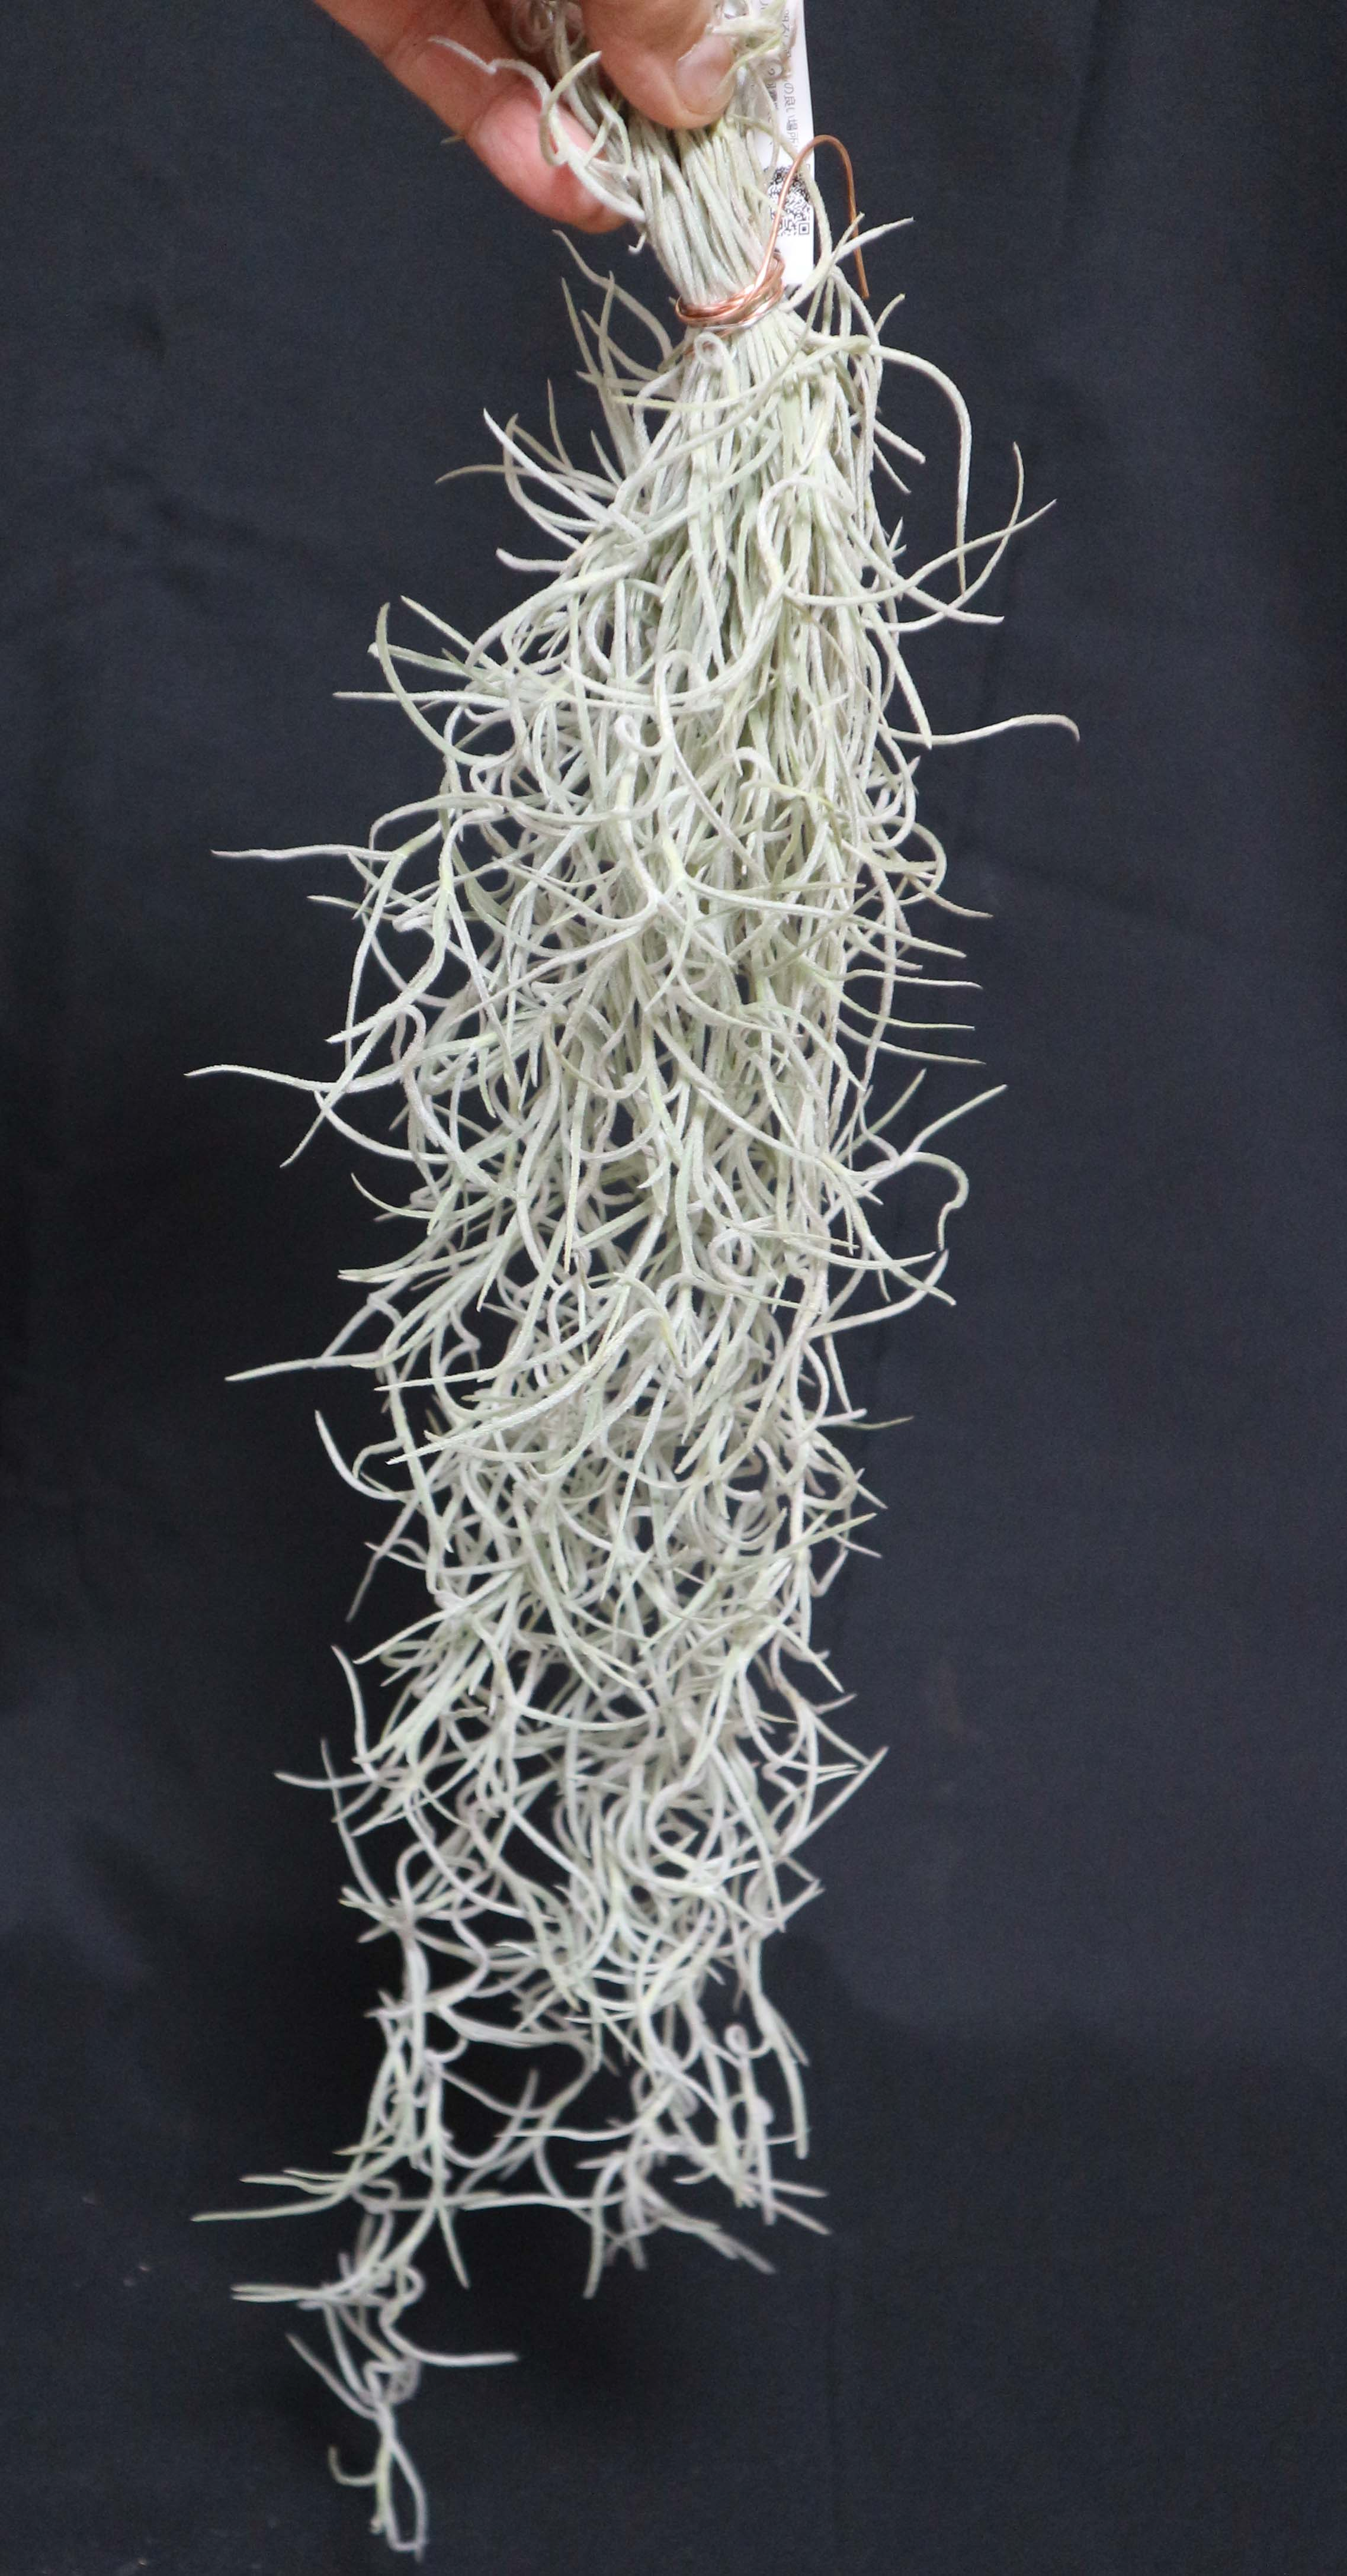 ウスネオイデス太葉Lサイズ(良い状態です) エアプランツ【長さ約45cm 幅約10cm重さ約50g(送料無料)】